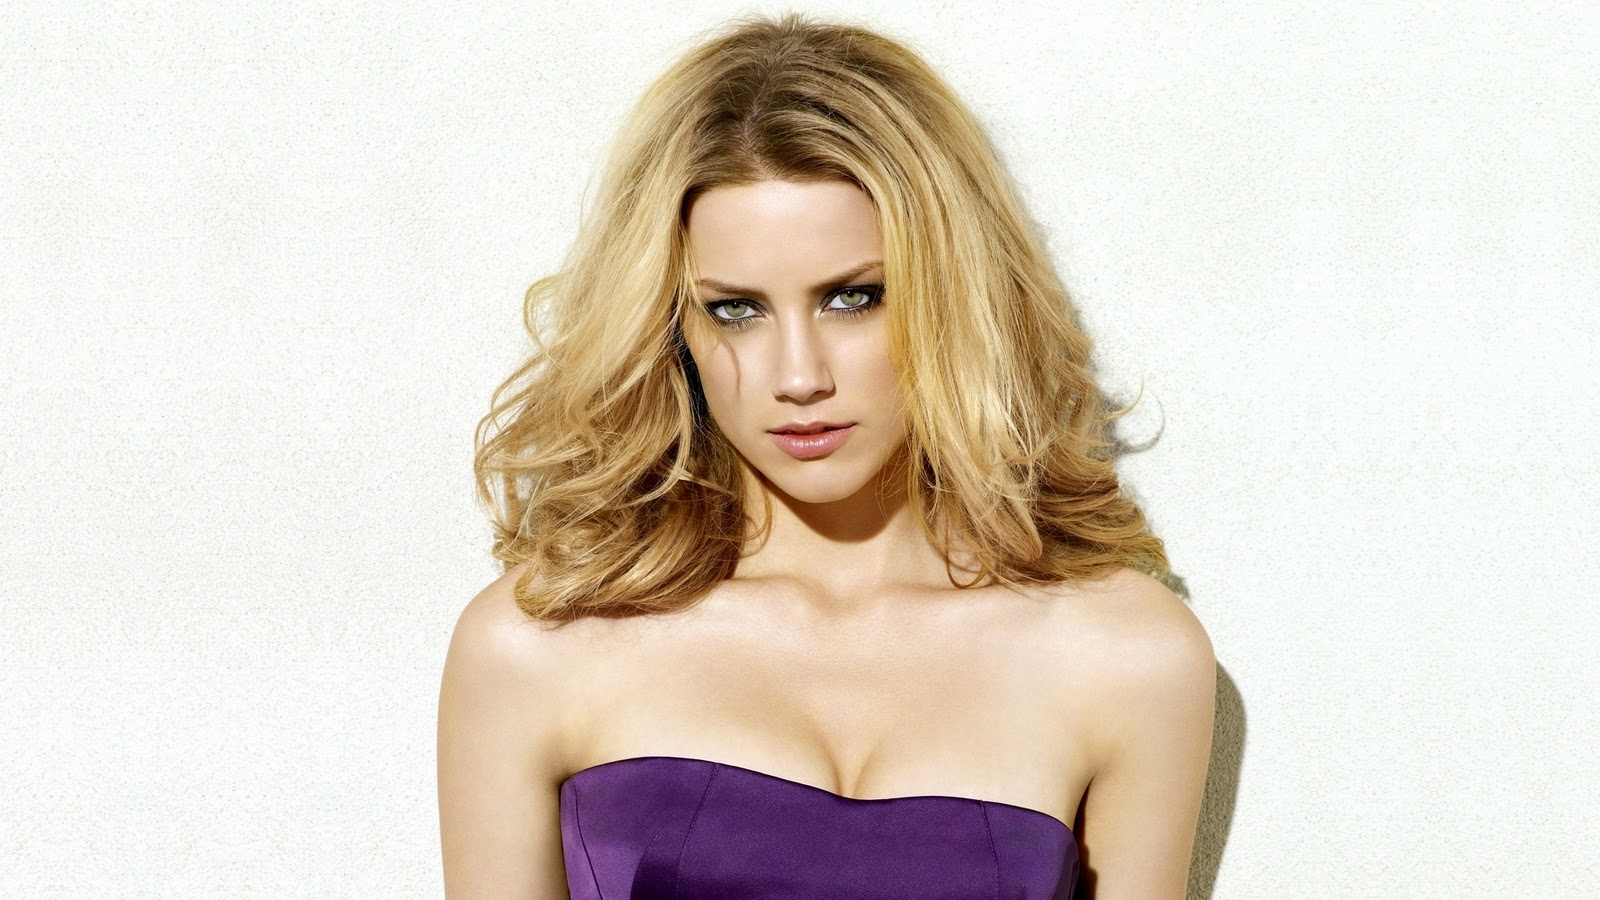 http://1.bp.blogspot.com/-3oir1QplG6w/Tx7QzNtIHpI/AAAAAAAAC_U/1WoDlP9bgKg/s1600/amber-heard-sexy-2011-1080p.jpg